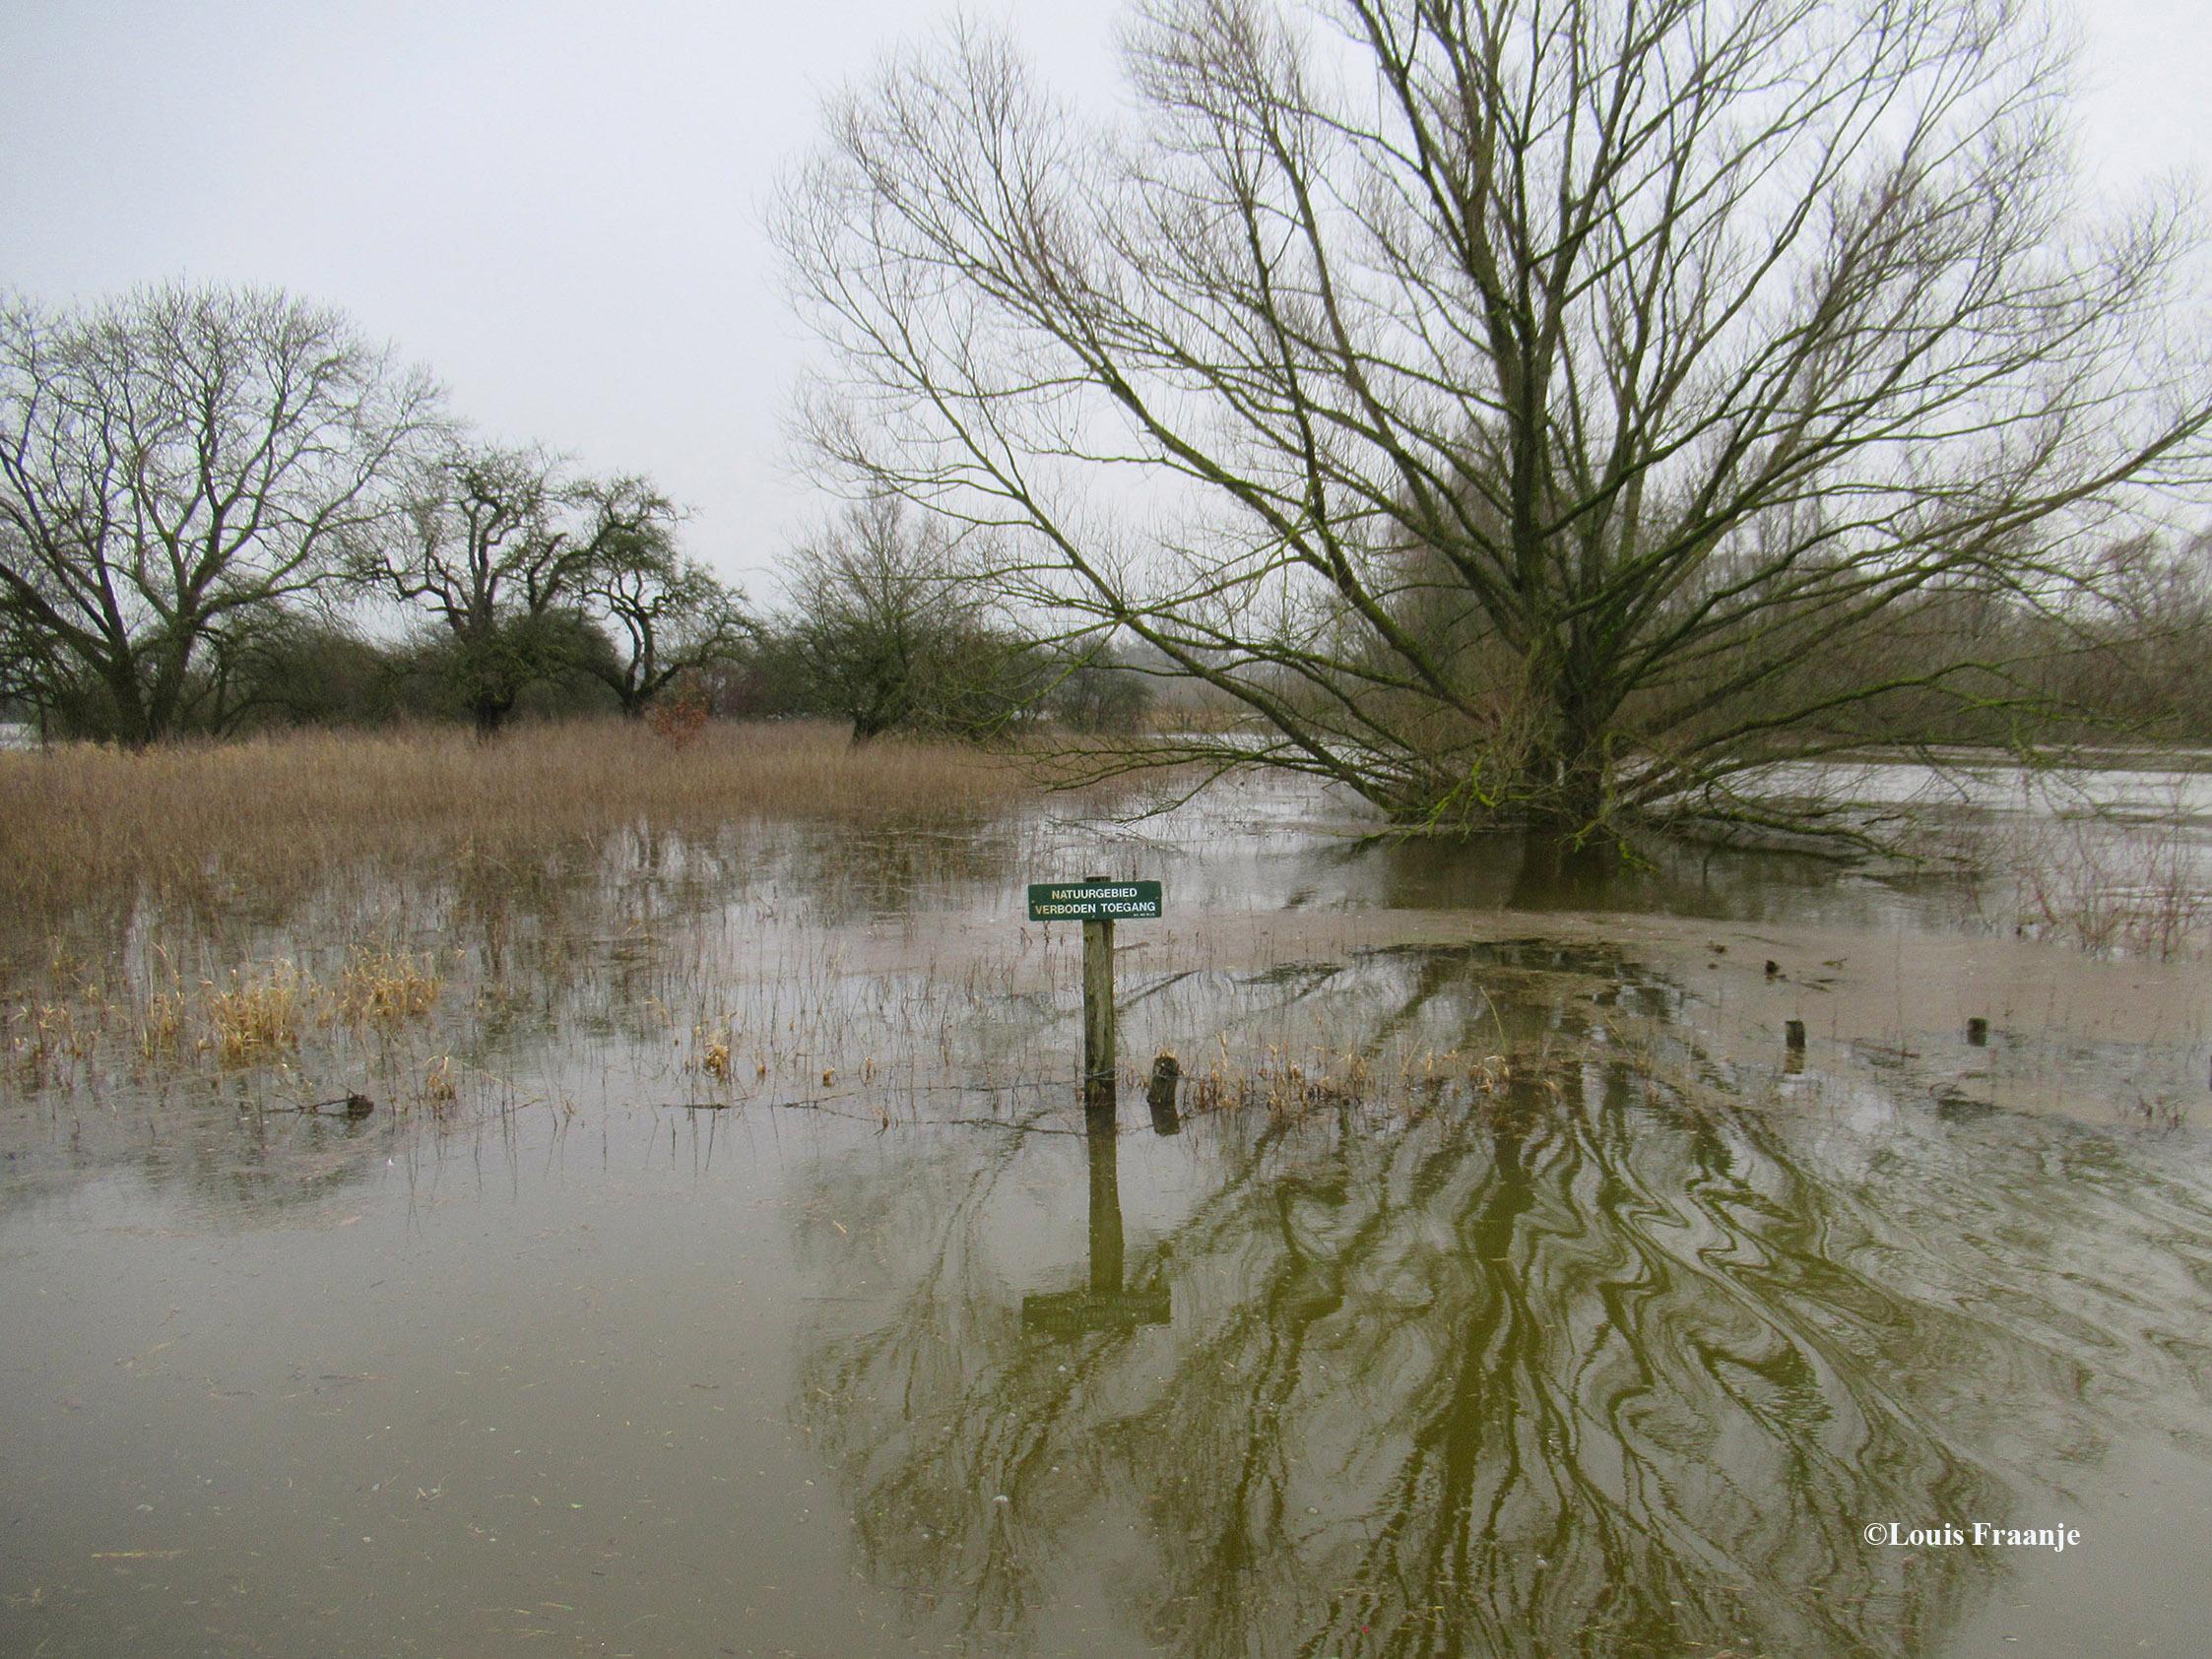 """Op het bord staat vermeld """"Natuurgebied Verboden Toegang"""" maar ja... we kunnen er nu toch niet lopen dus... echt humor. - Foto: ©Louis Fraanje"""